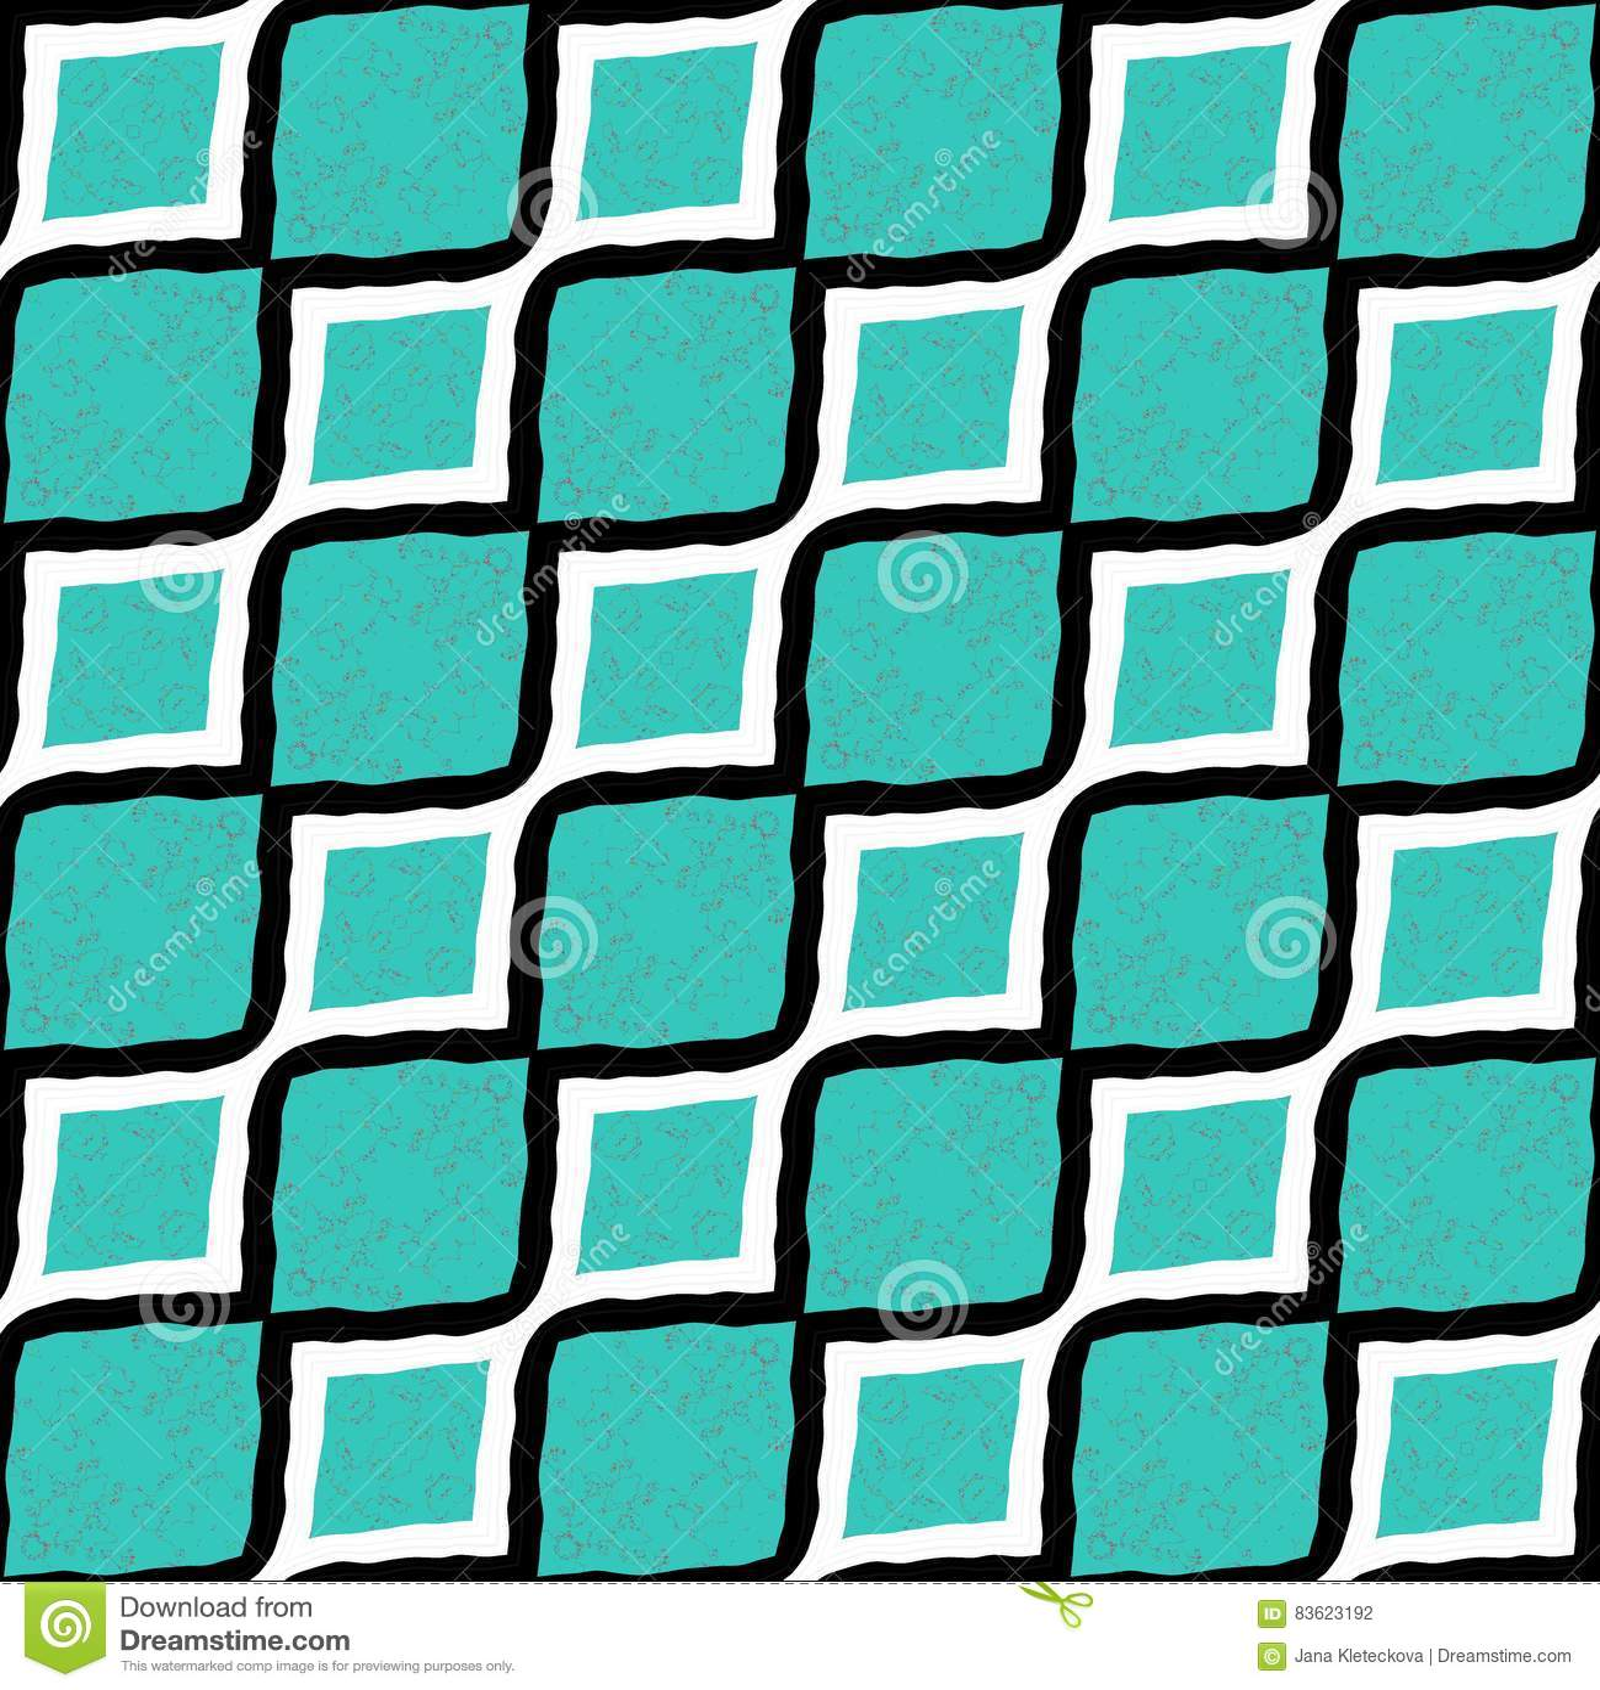 Les grandes lignes diagonales cyan et blanches et noires ont barré le papier peint sans couture de modèle plat de conception